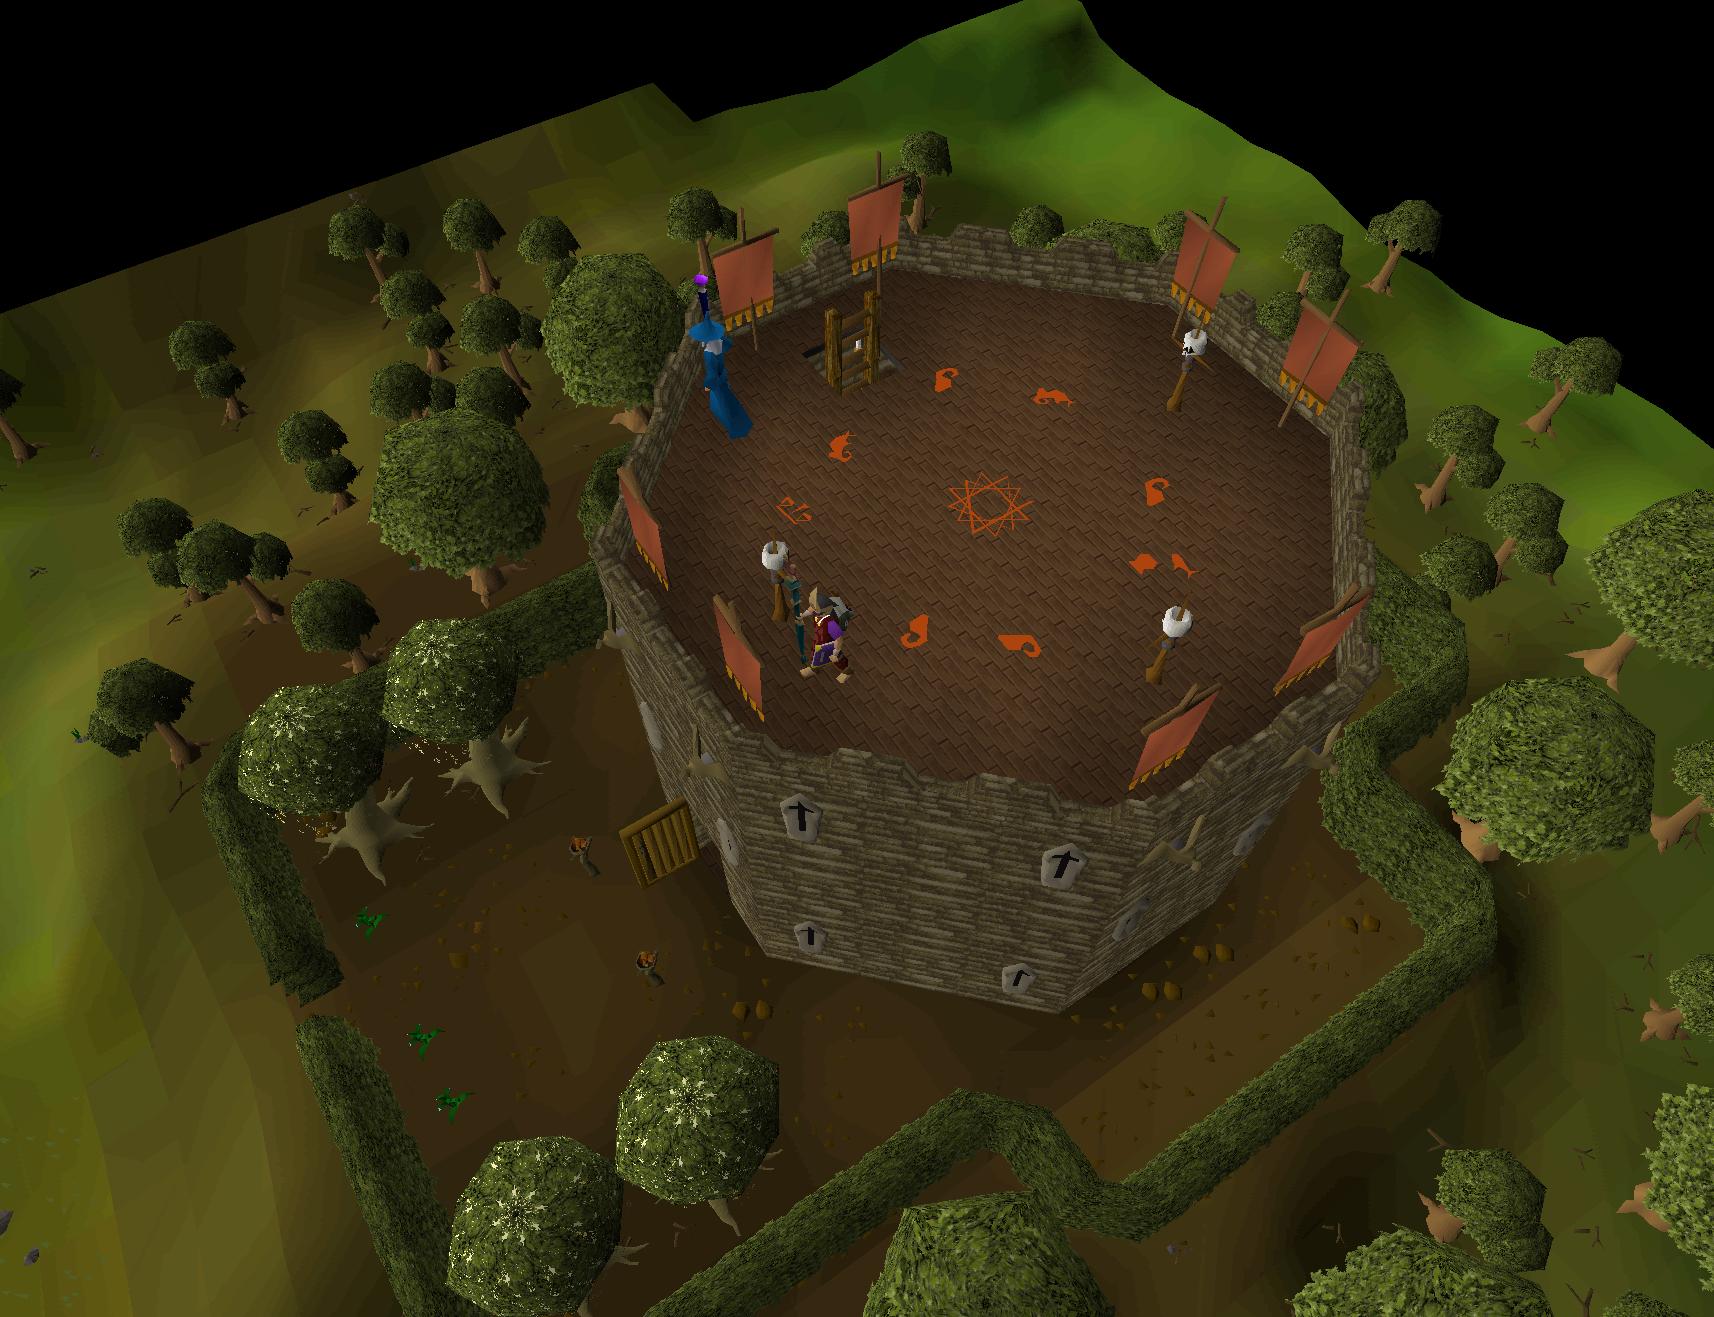 Sorcerer's Tower